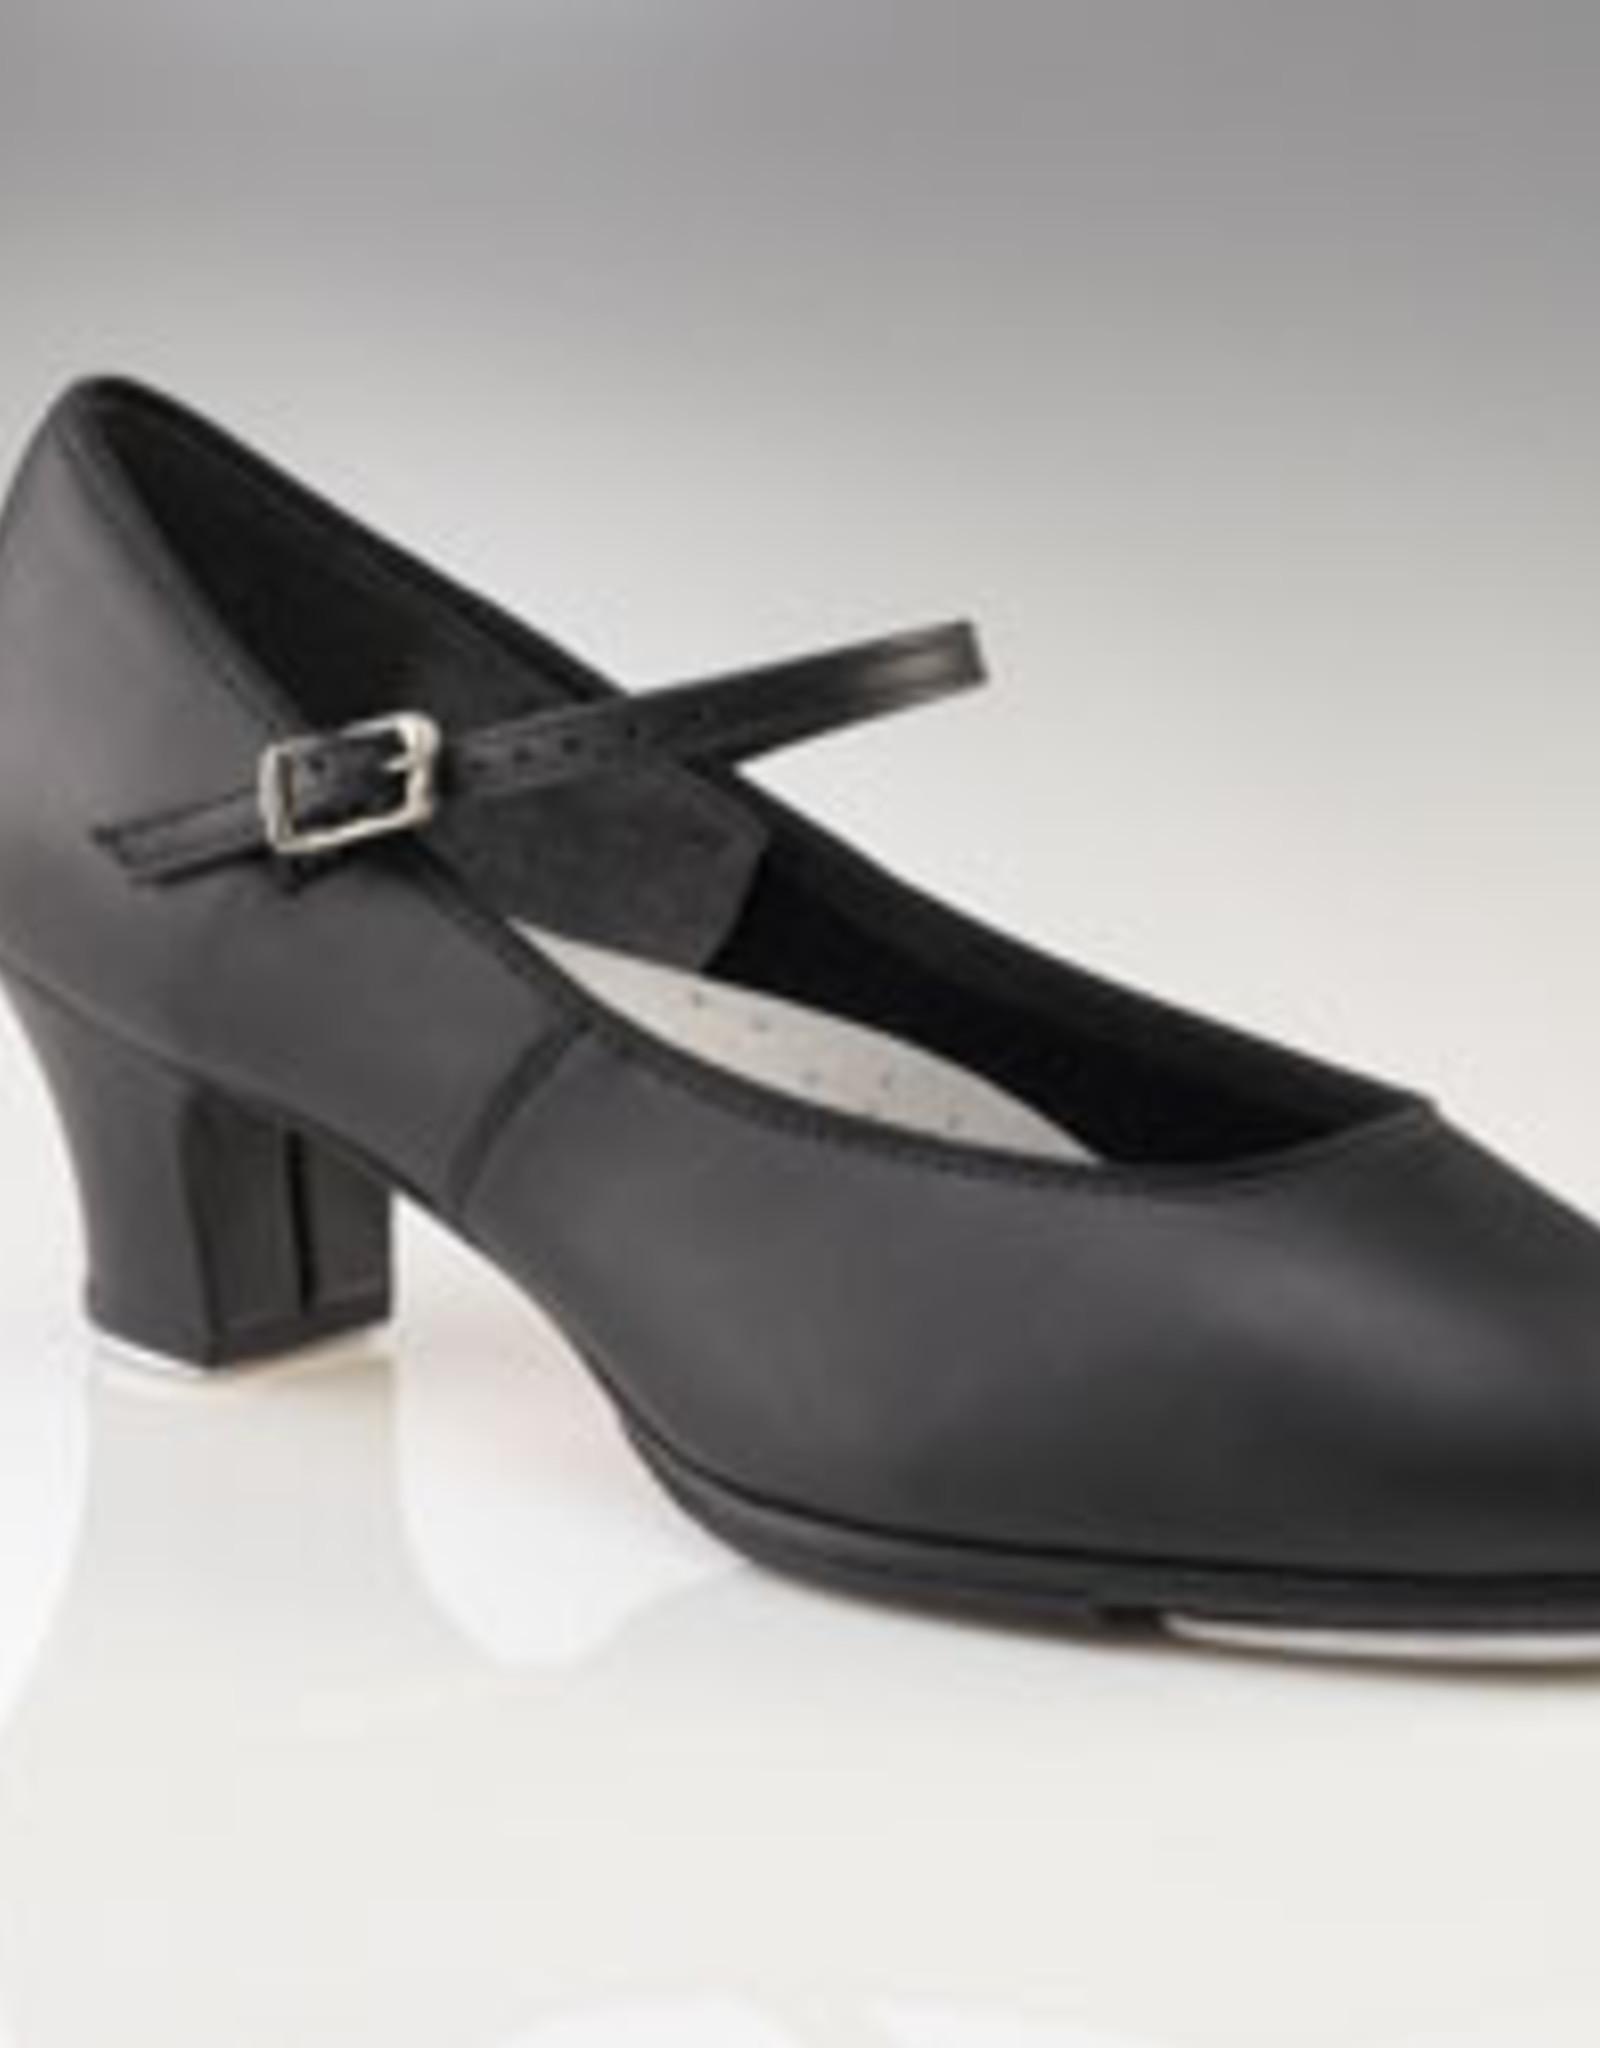 CAPEZIO JR. FOOTLIGHT CLAQUETTES (561)